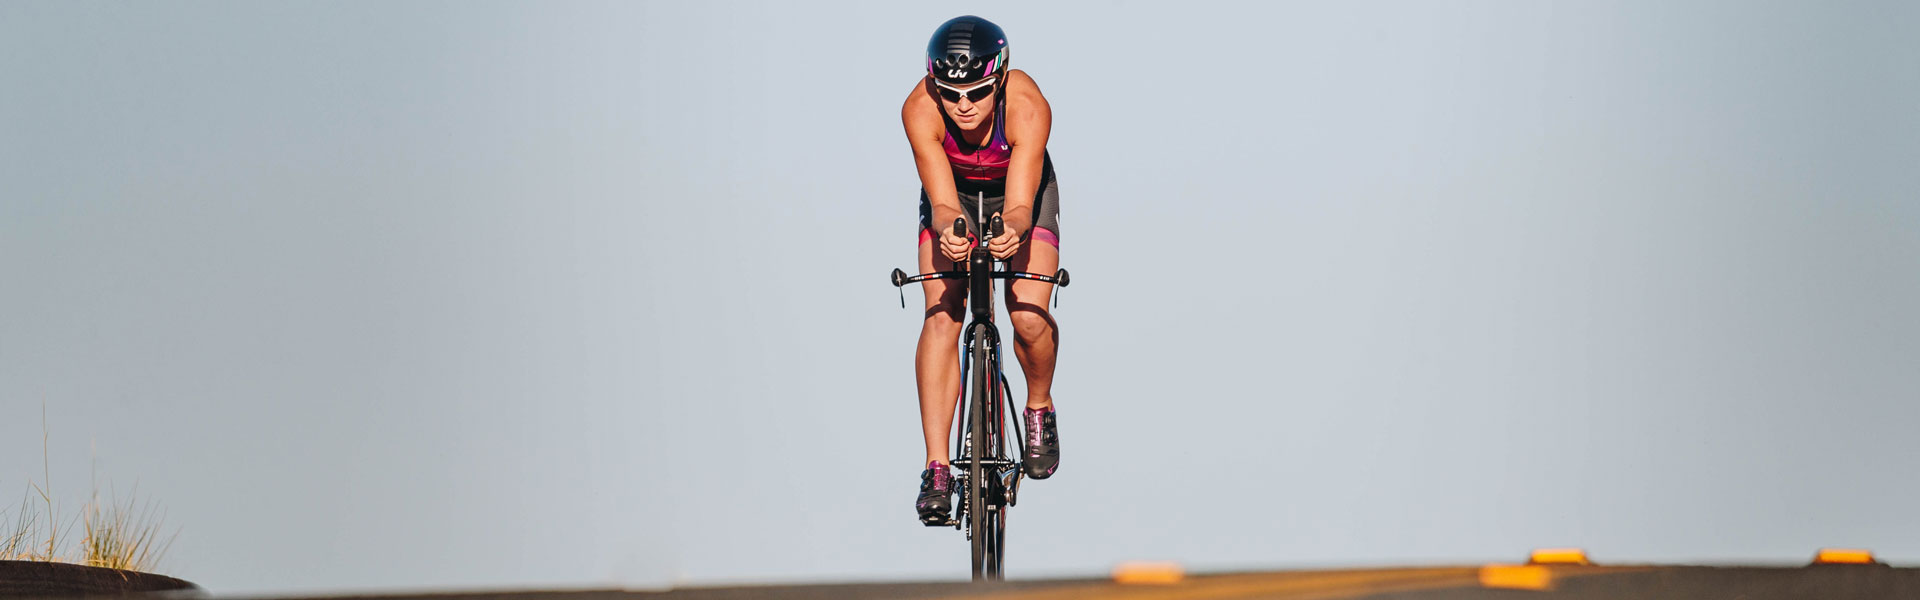 RENNRÄDER Triathlon